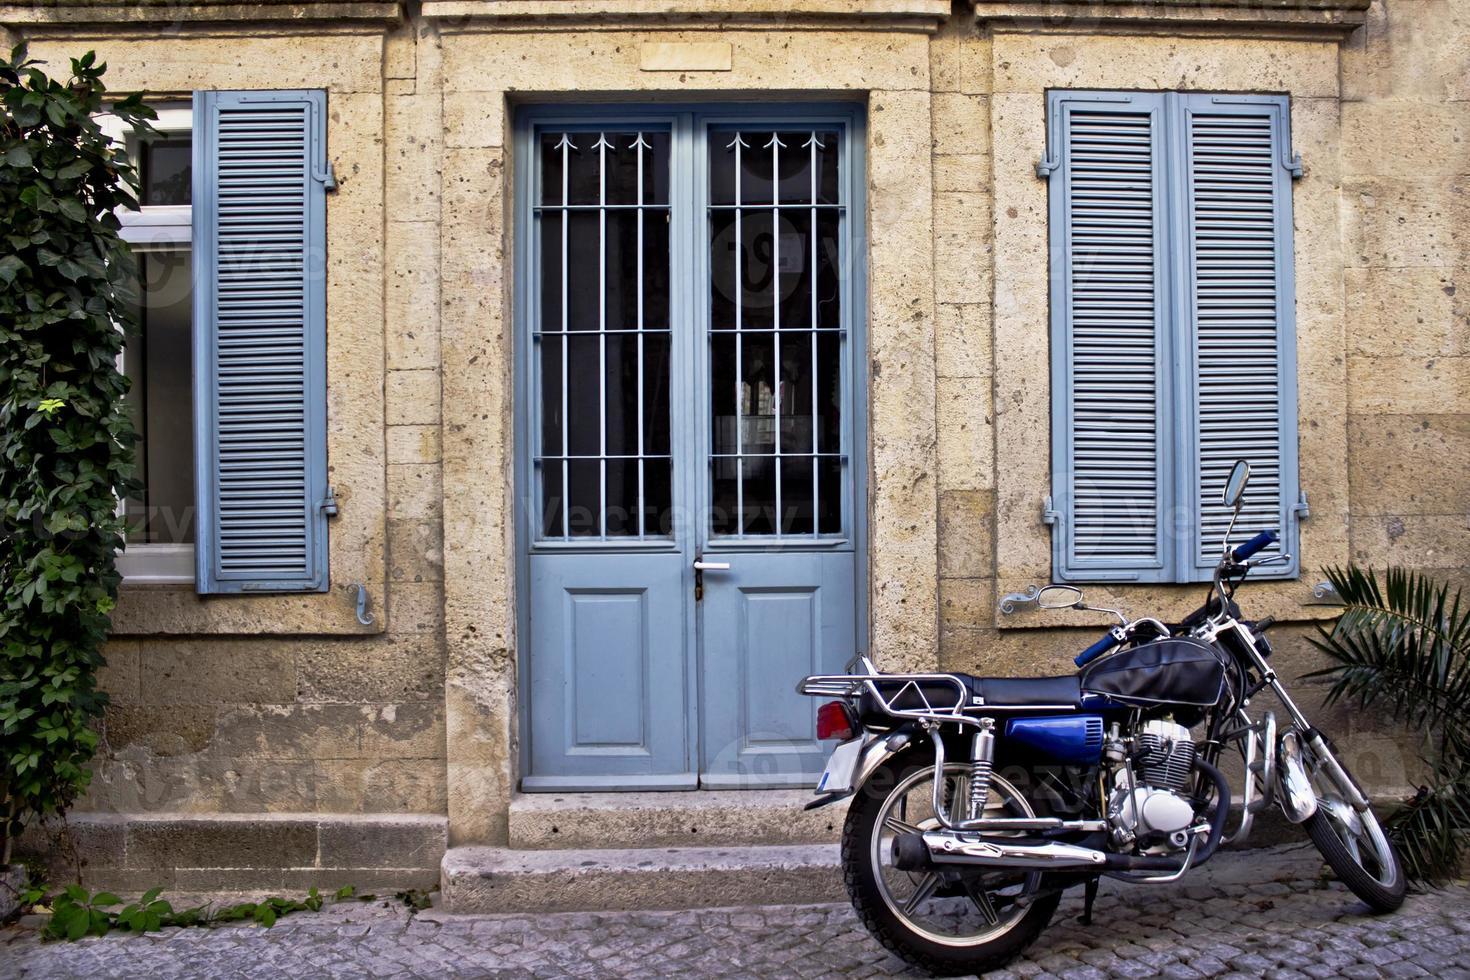 casa in pietra davanti a una moto foto